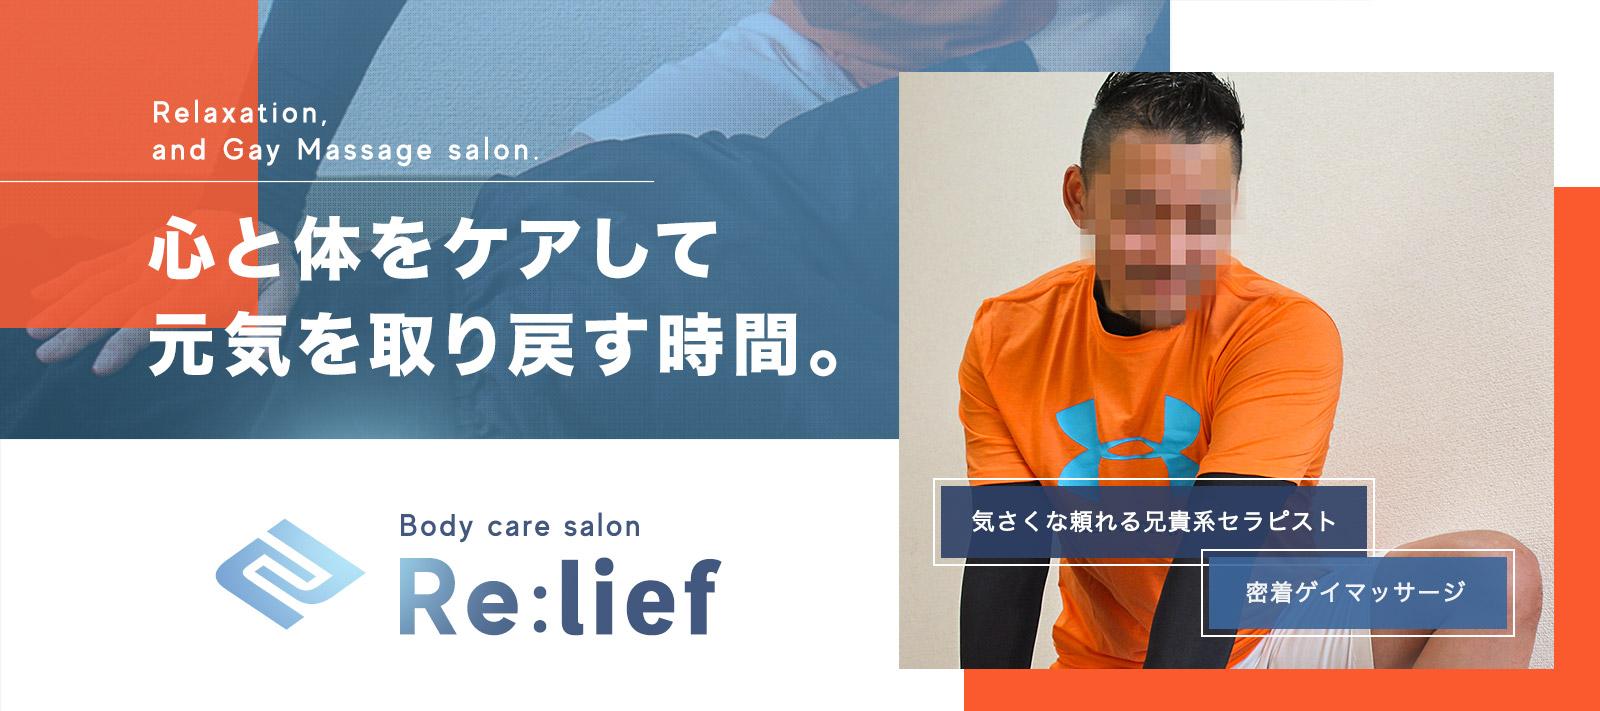 東京ゲイマッサージBody care salon Re:lief